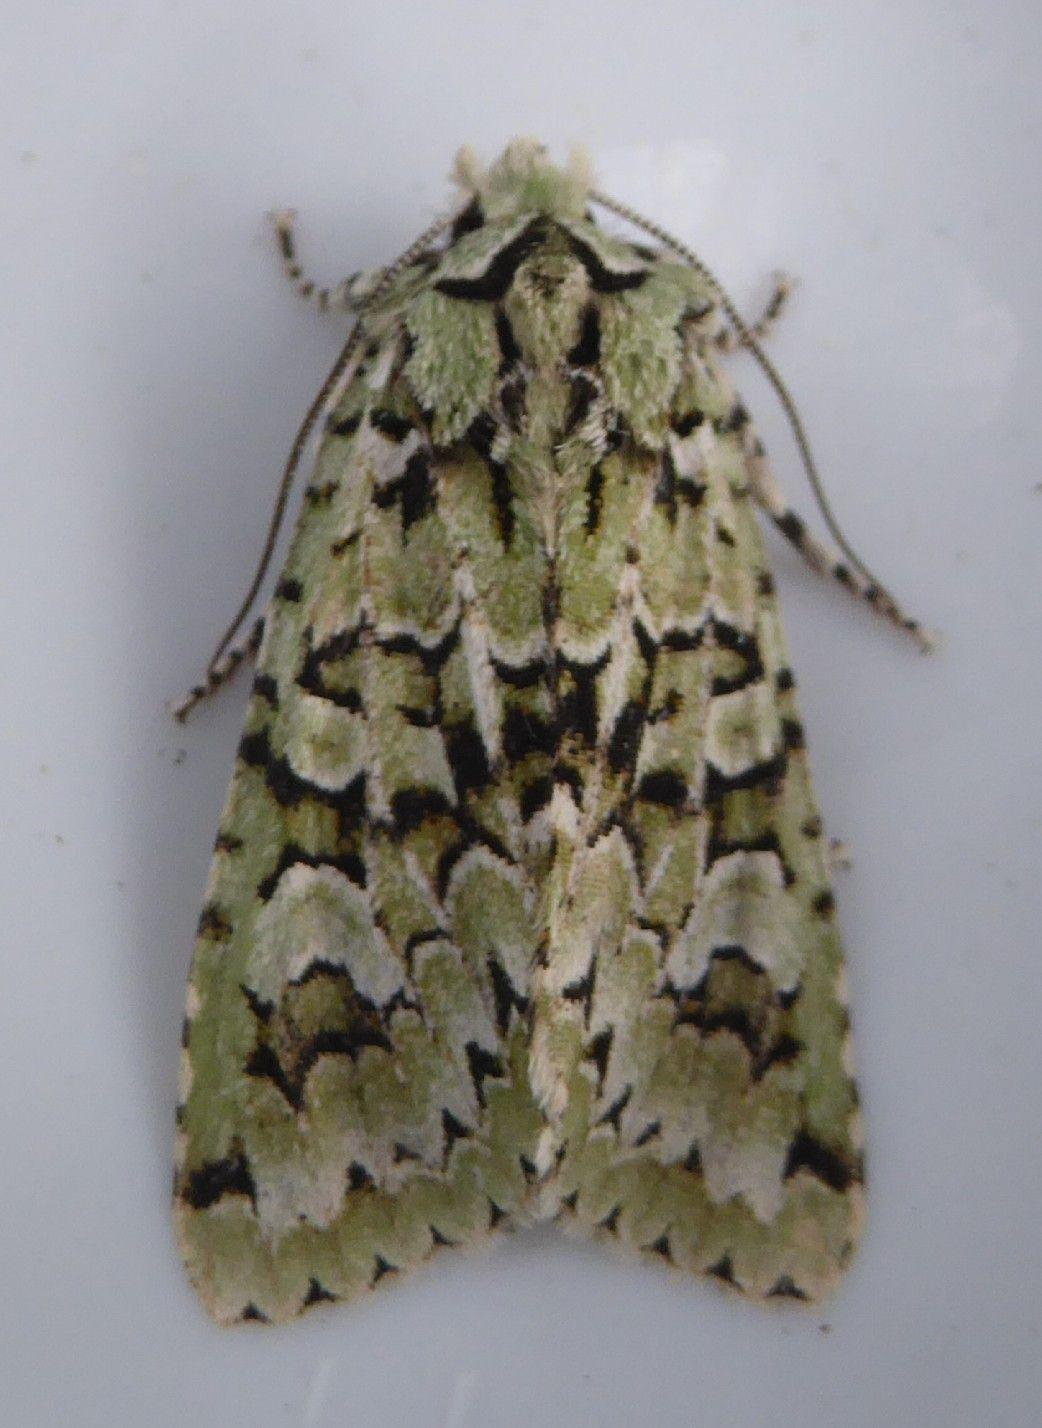 merveille du jour moths at eskrigg reserve pinterest moth and butterfly. Black Bedroom Furniture Sets. Home Design Ideas